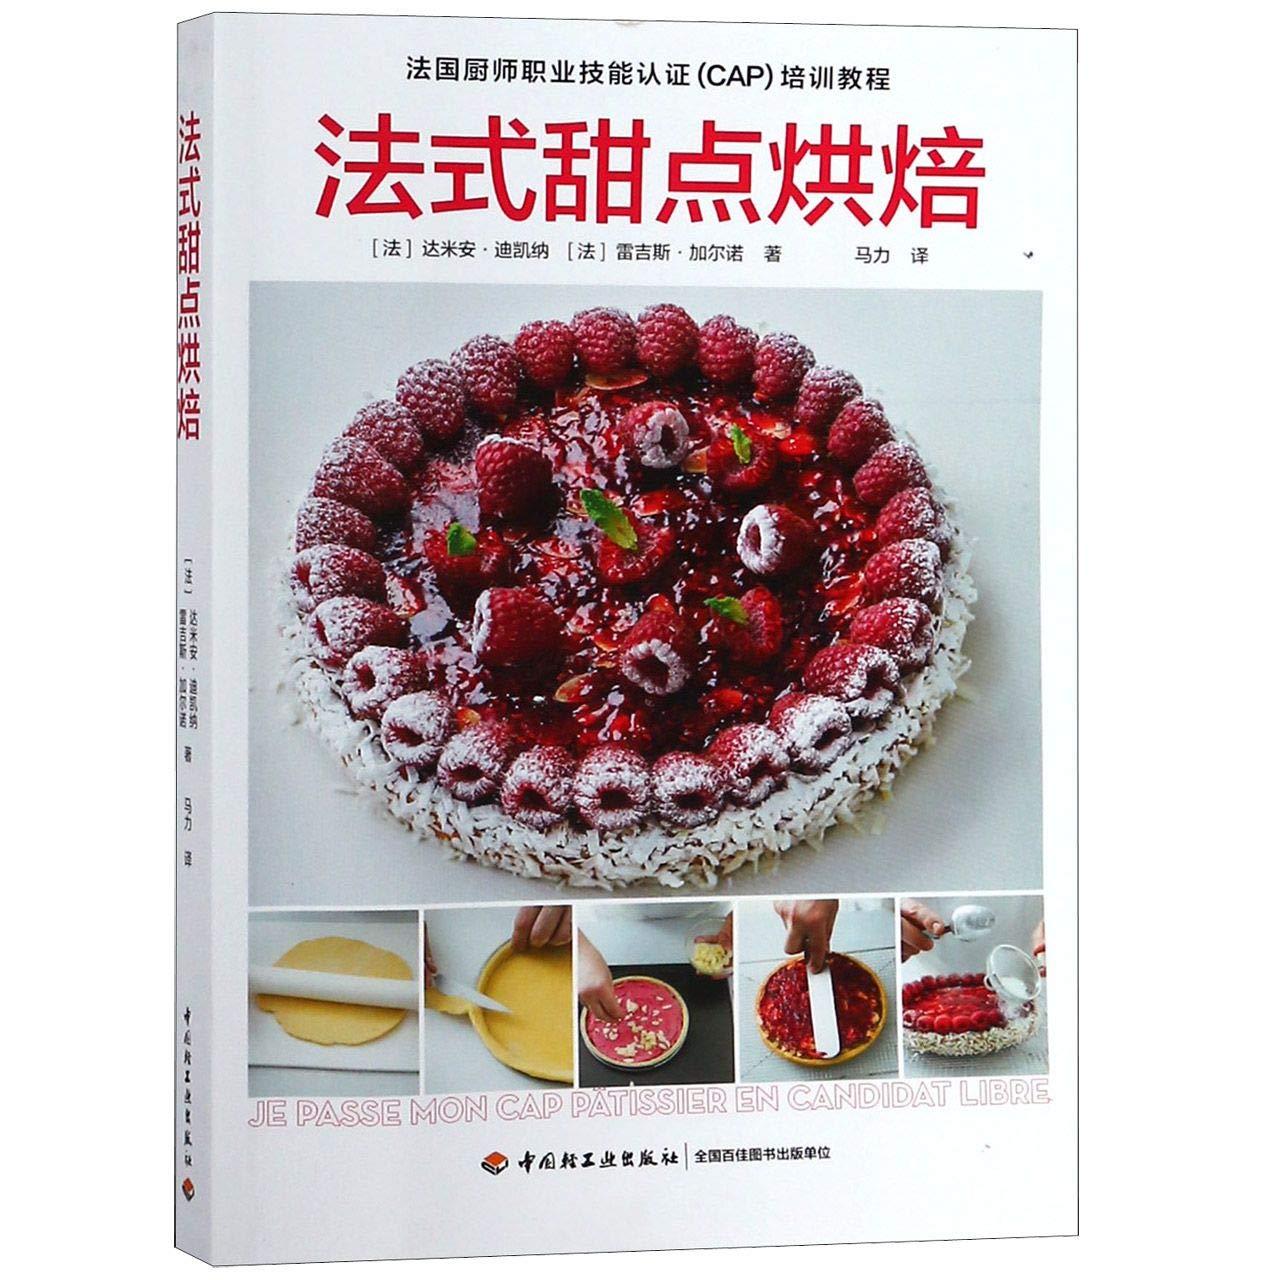 French Dessert Baking Course Book For Cap De Cuisine Je Passe